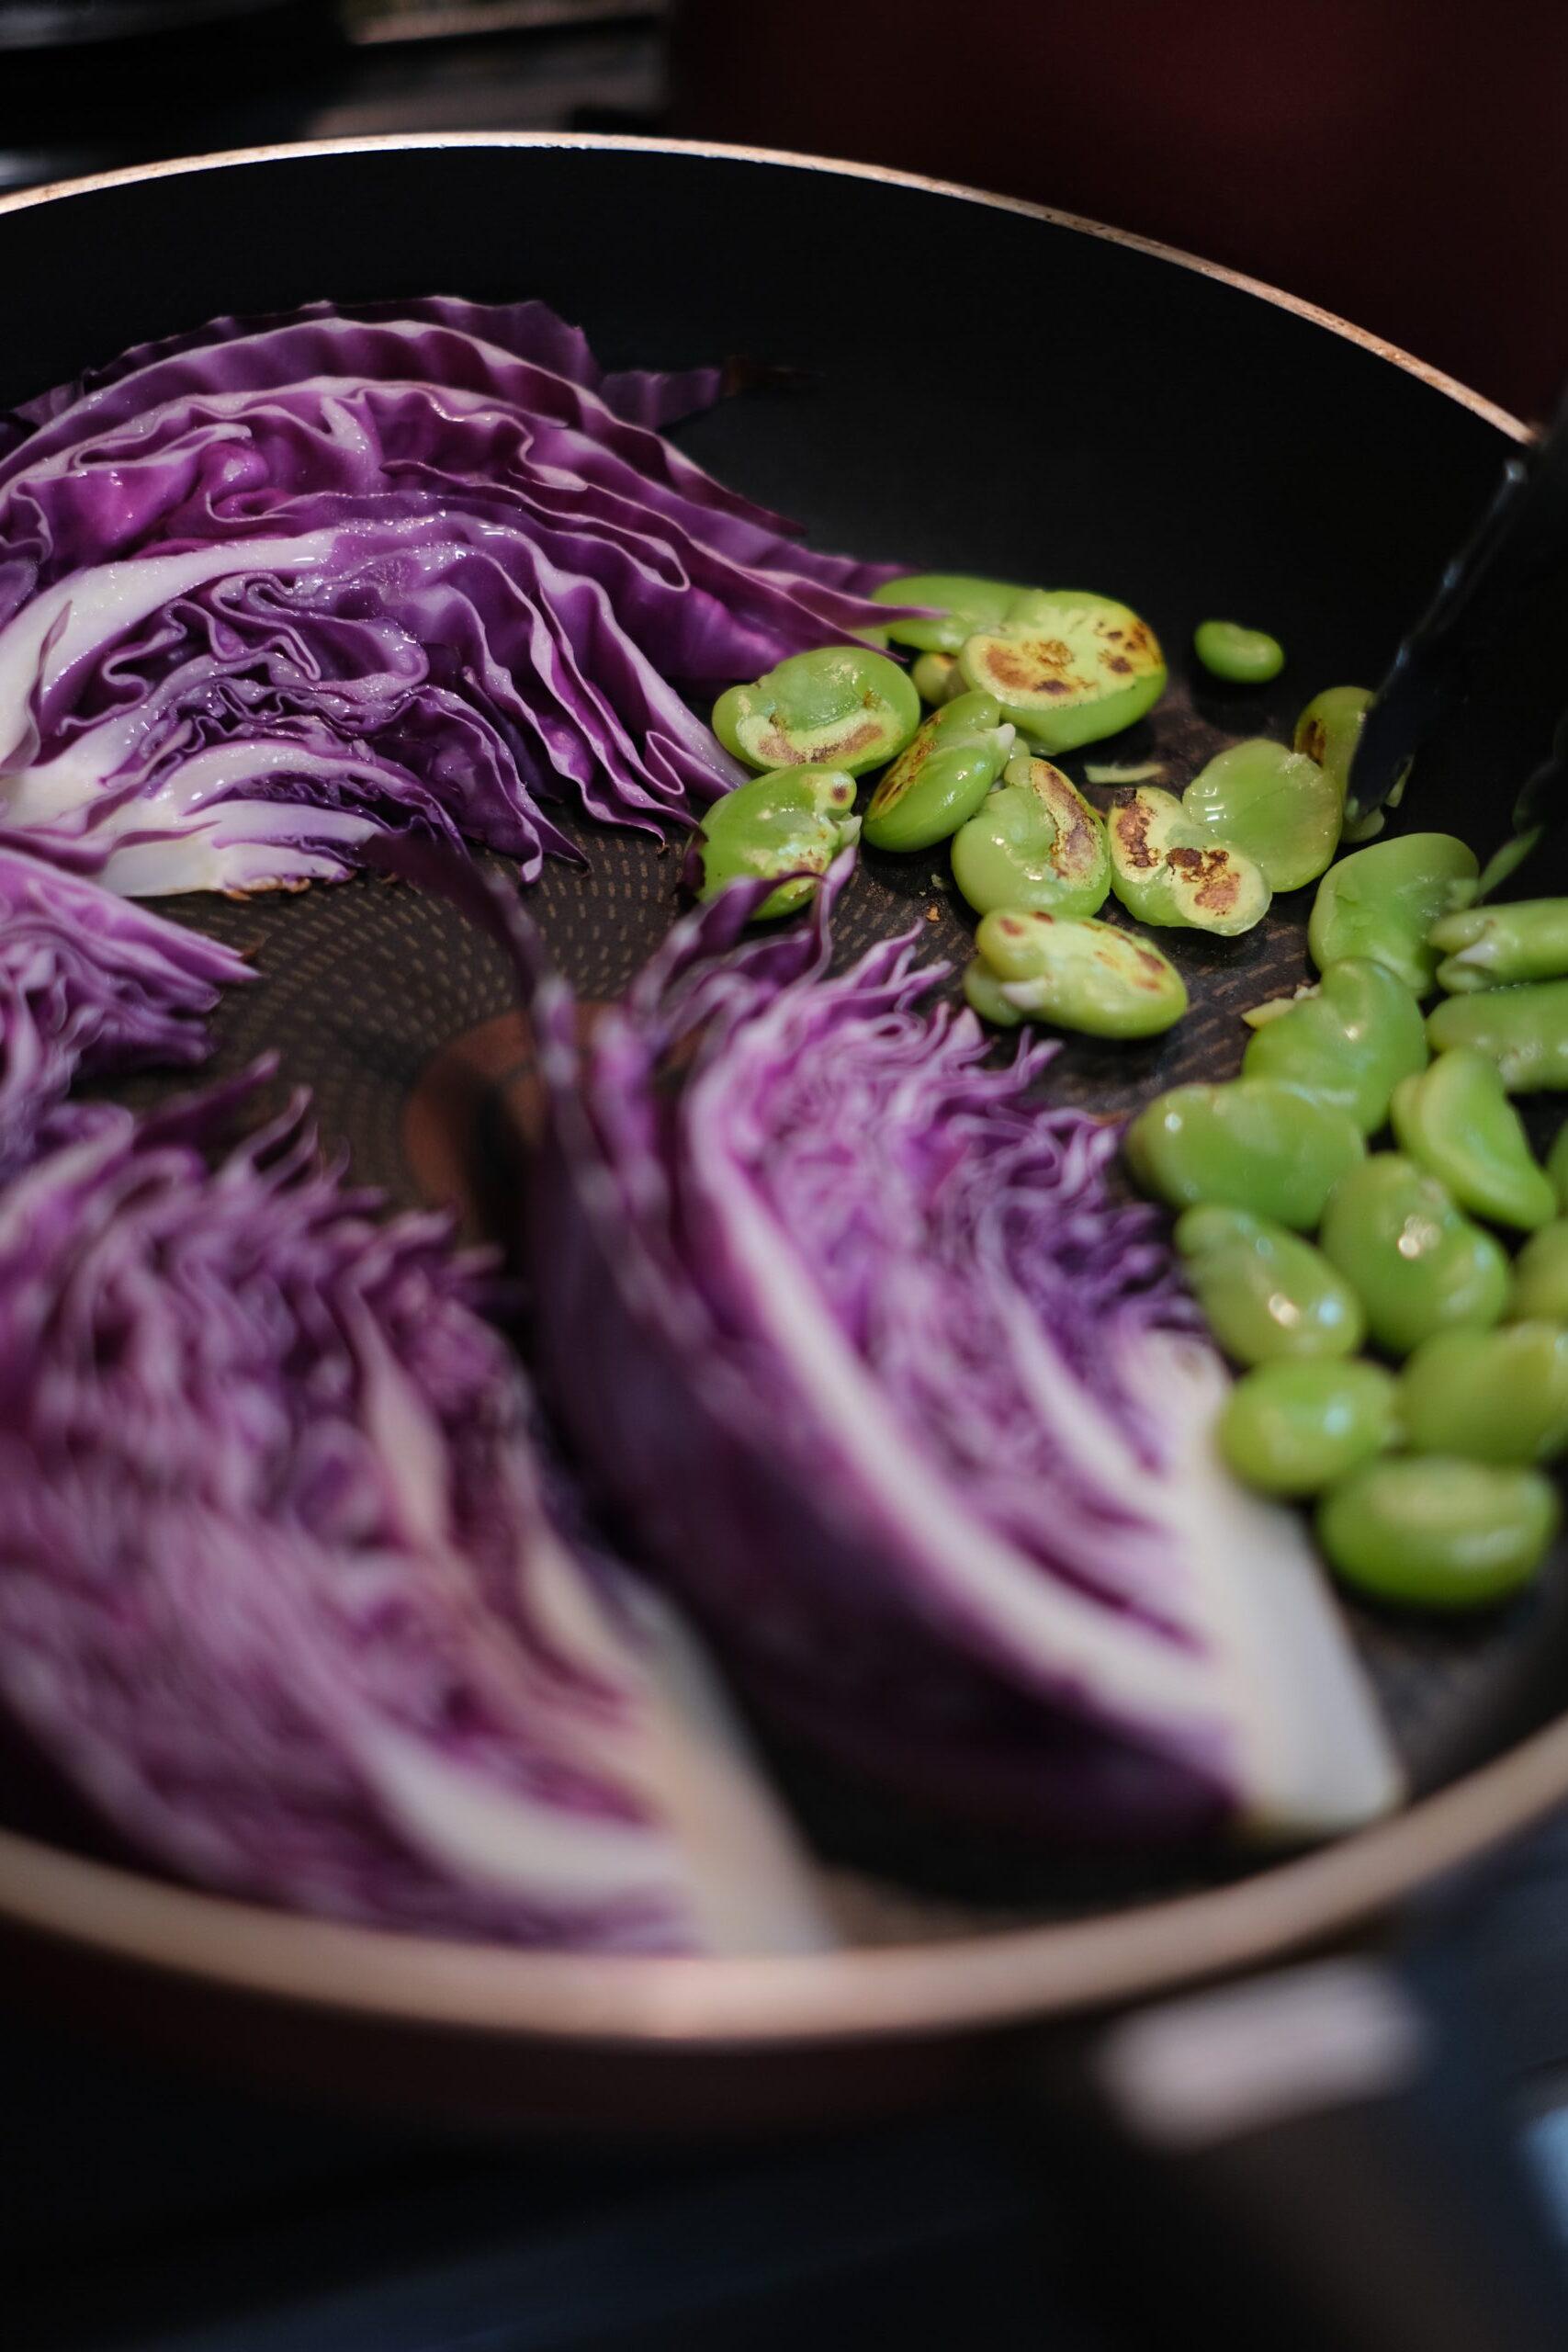 焼き色がついてきた野菜の画像です